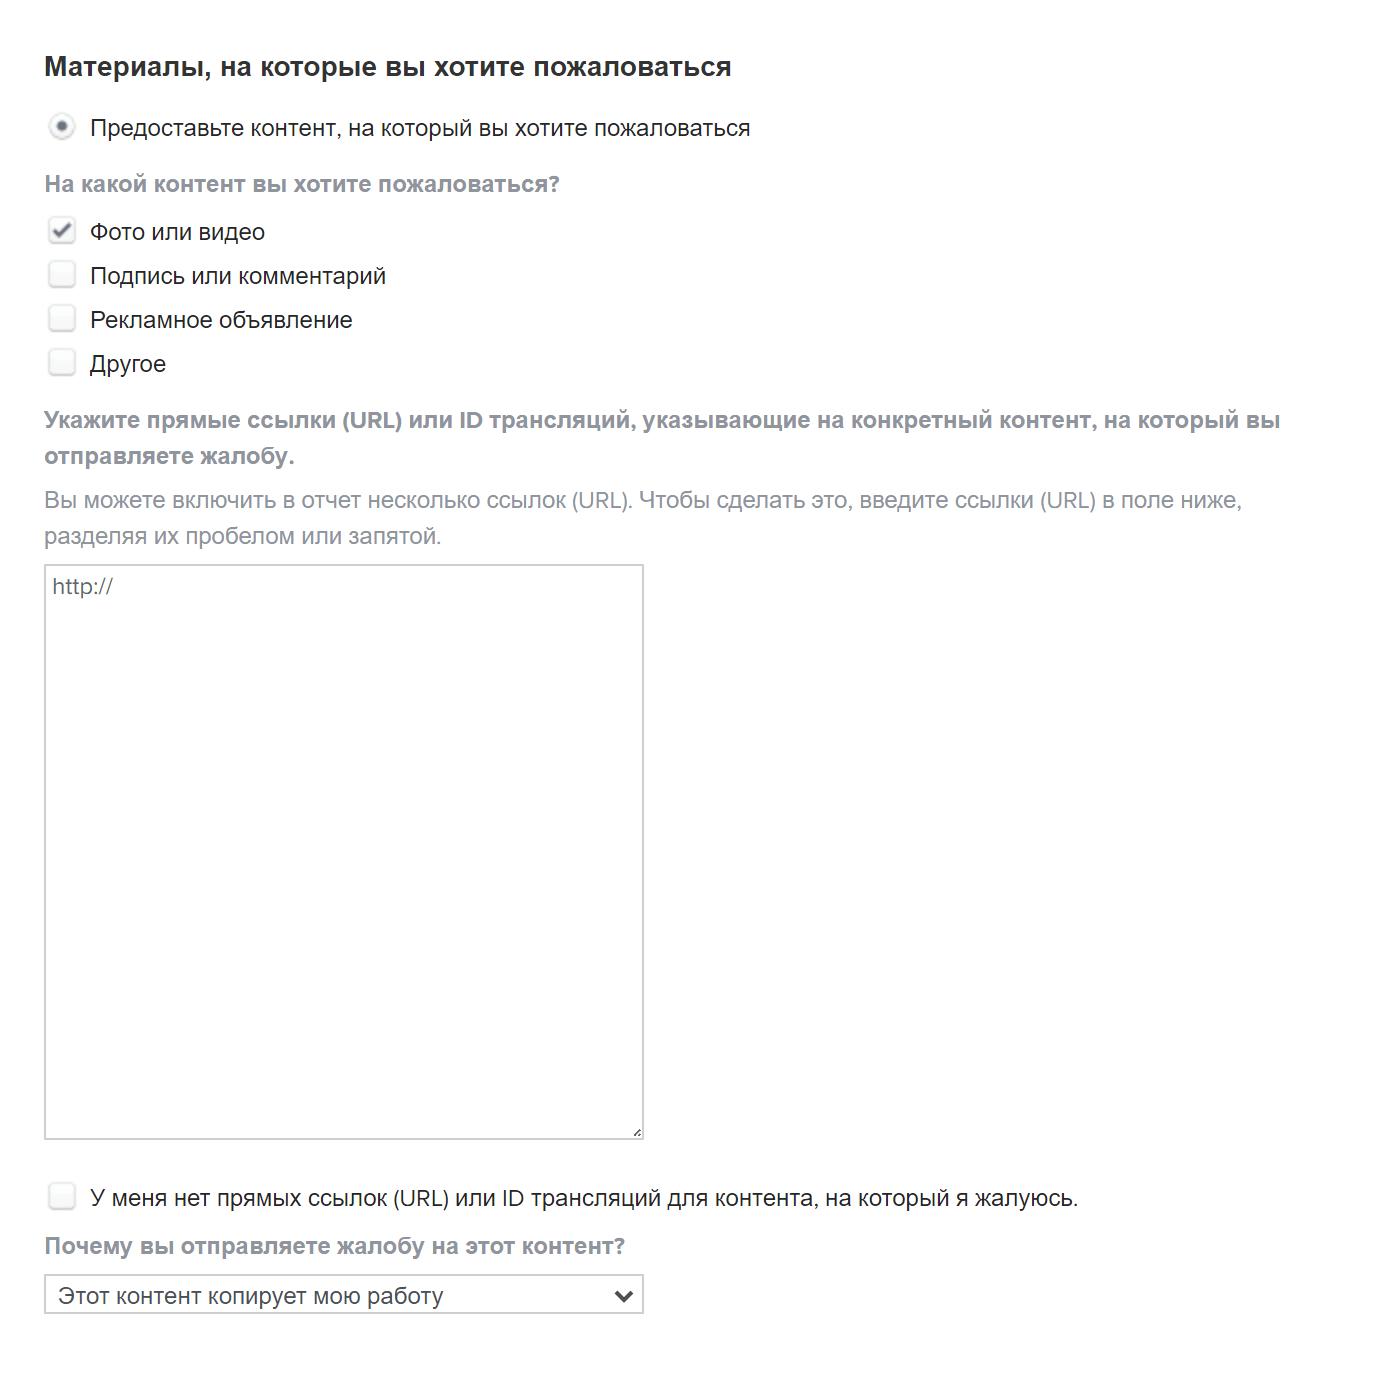 Поле для ссылок на спорные материалы очень большое, но не стоит перечислять здесь сразу все найденные нарушения, если хотите добиться быстрой блокировки аккаунта